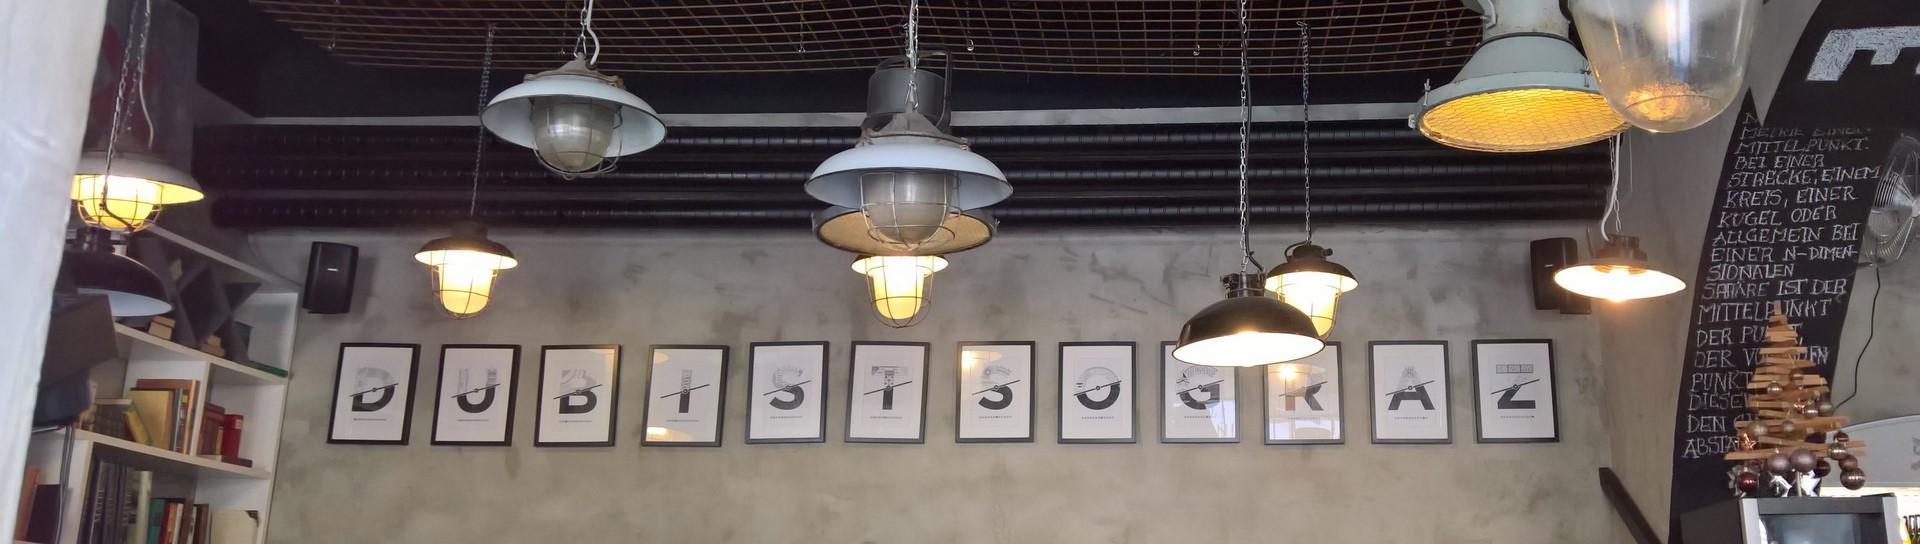 cafe-mitte-foto-grager-4